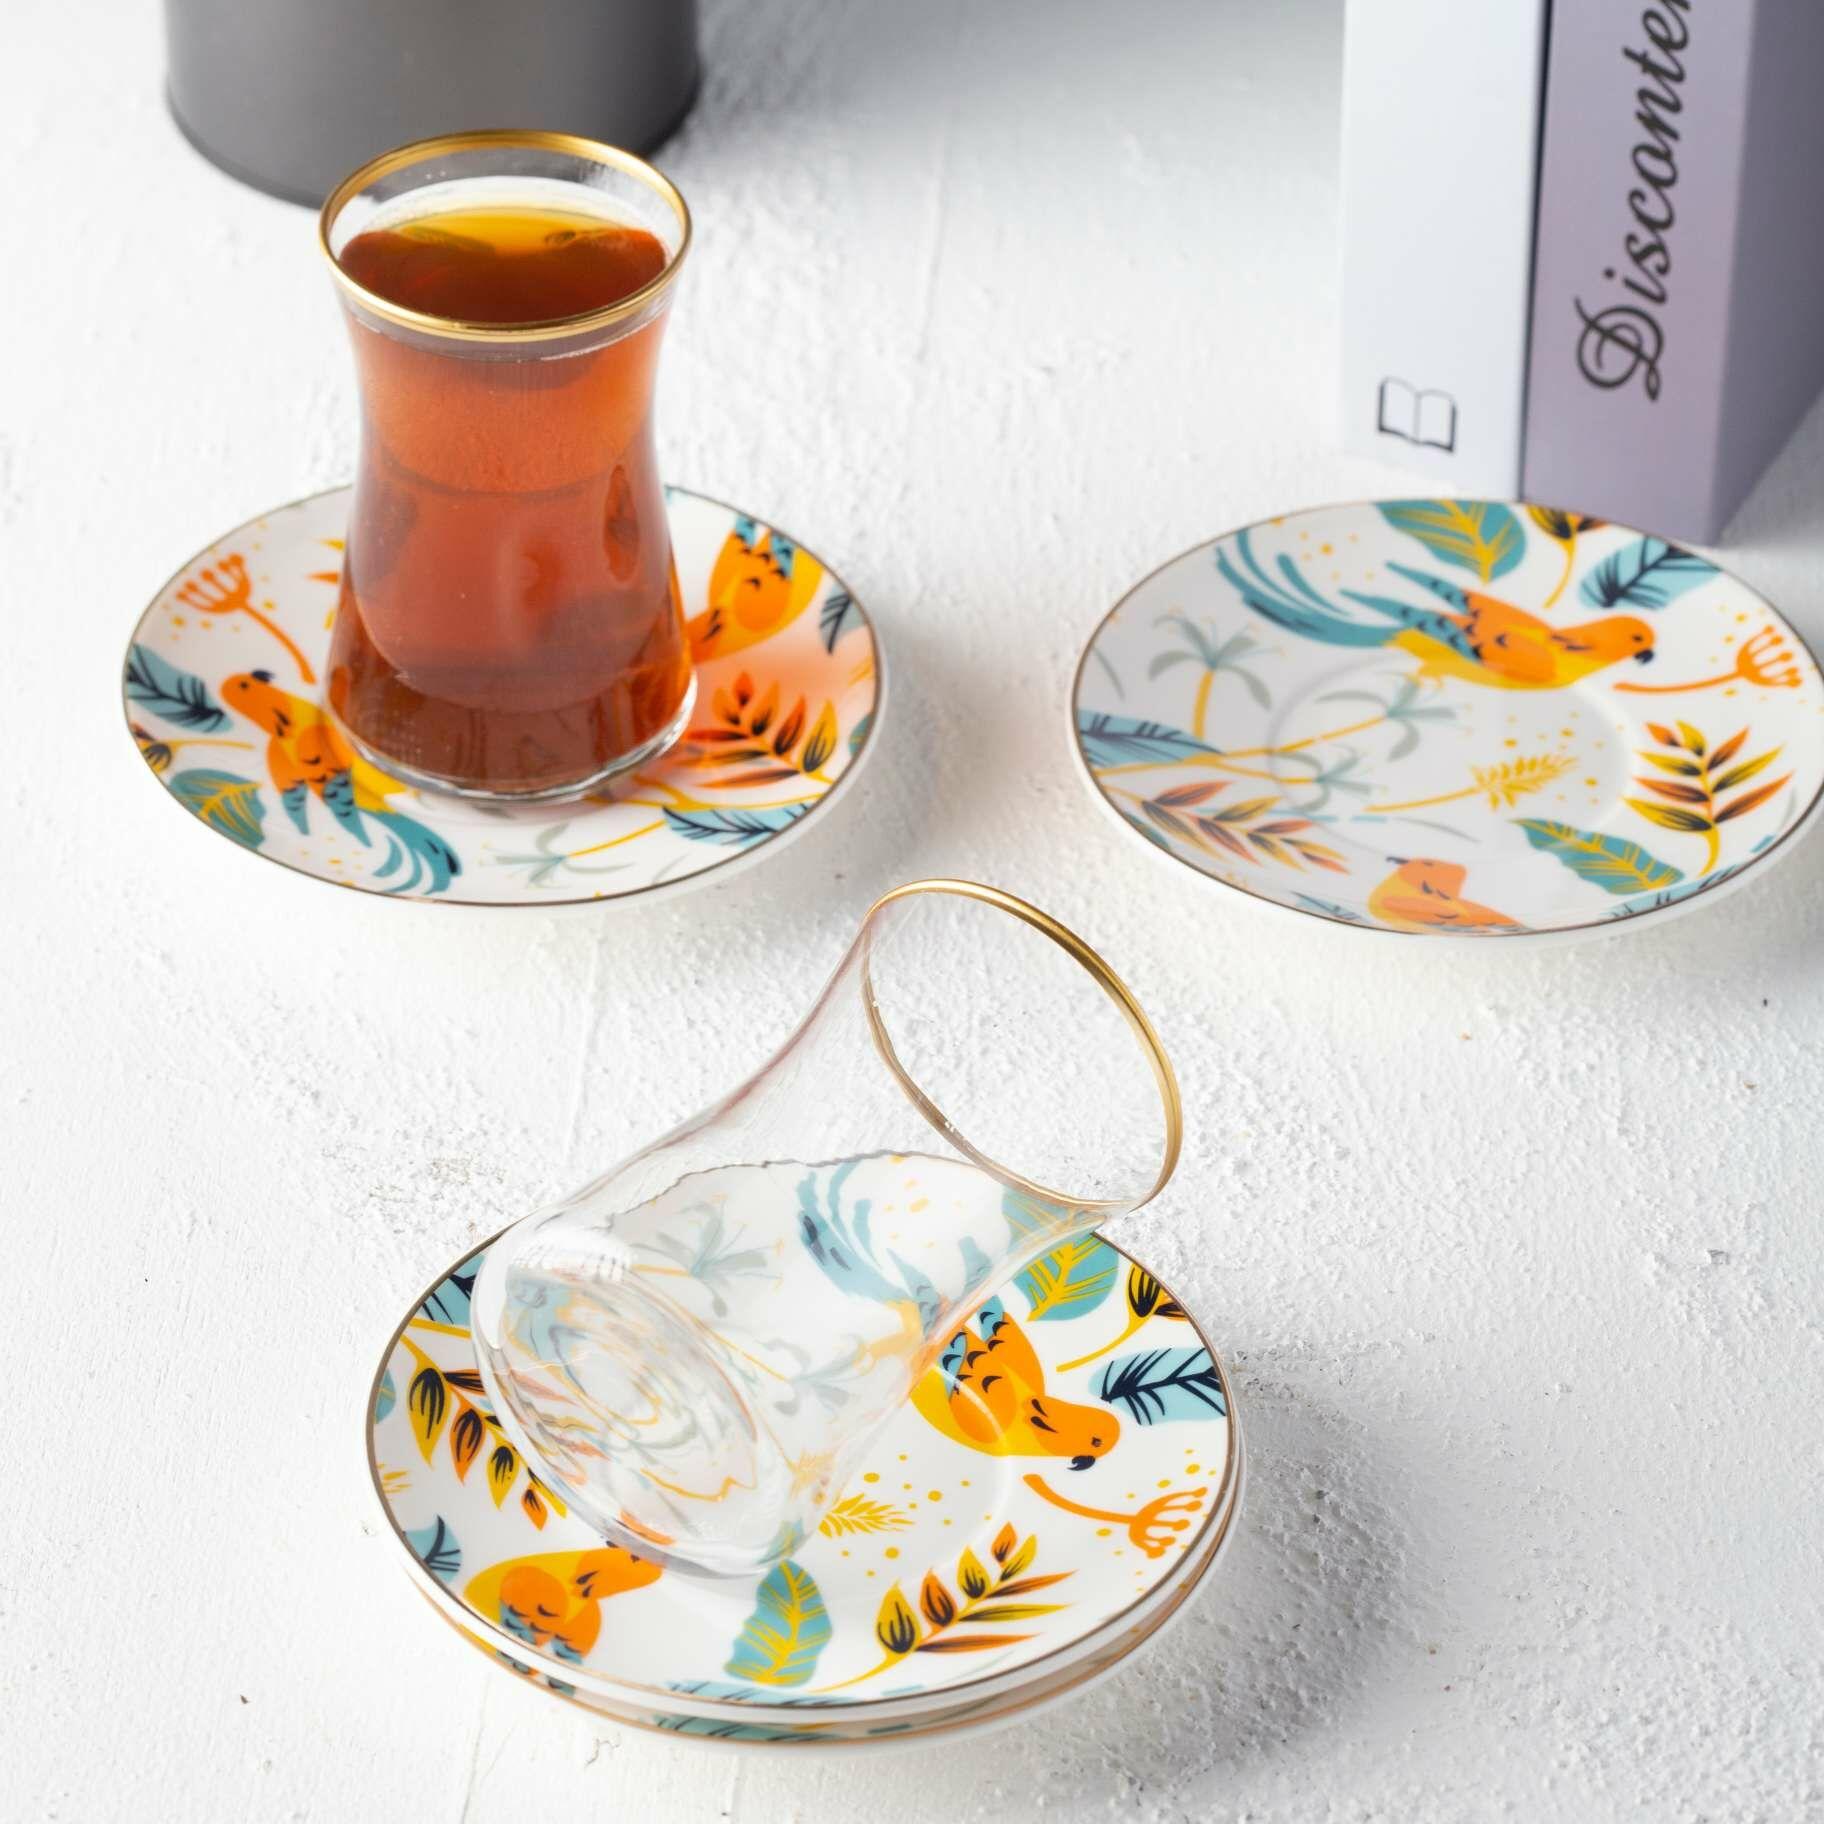 طقم بيالات شاهي كولورفل بيرد MAWA-1000008556287 القهوة و الشاي 249.000000